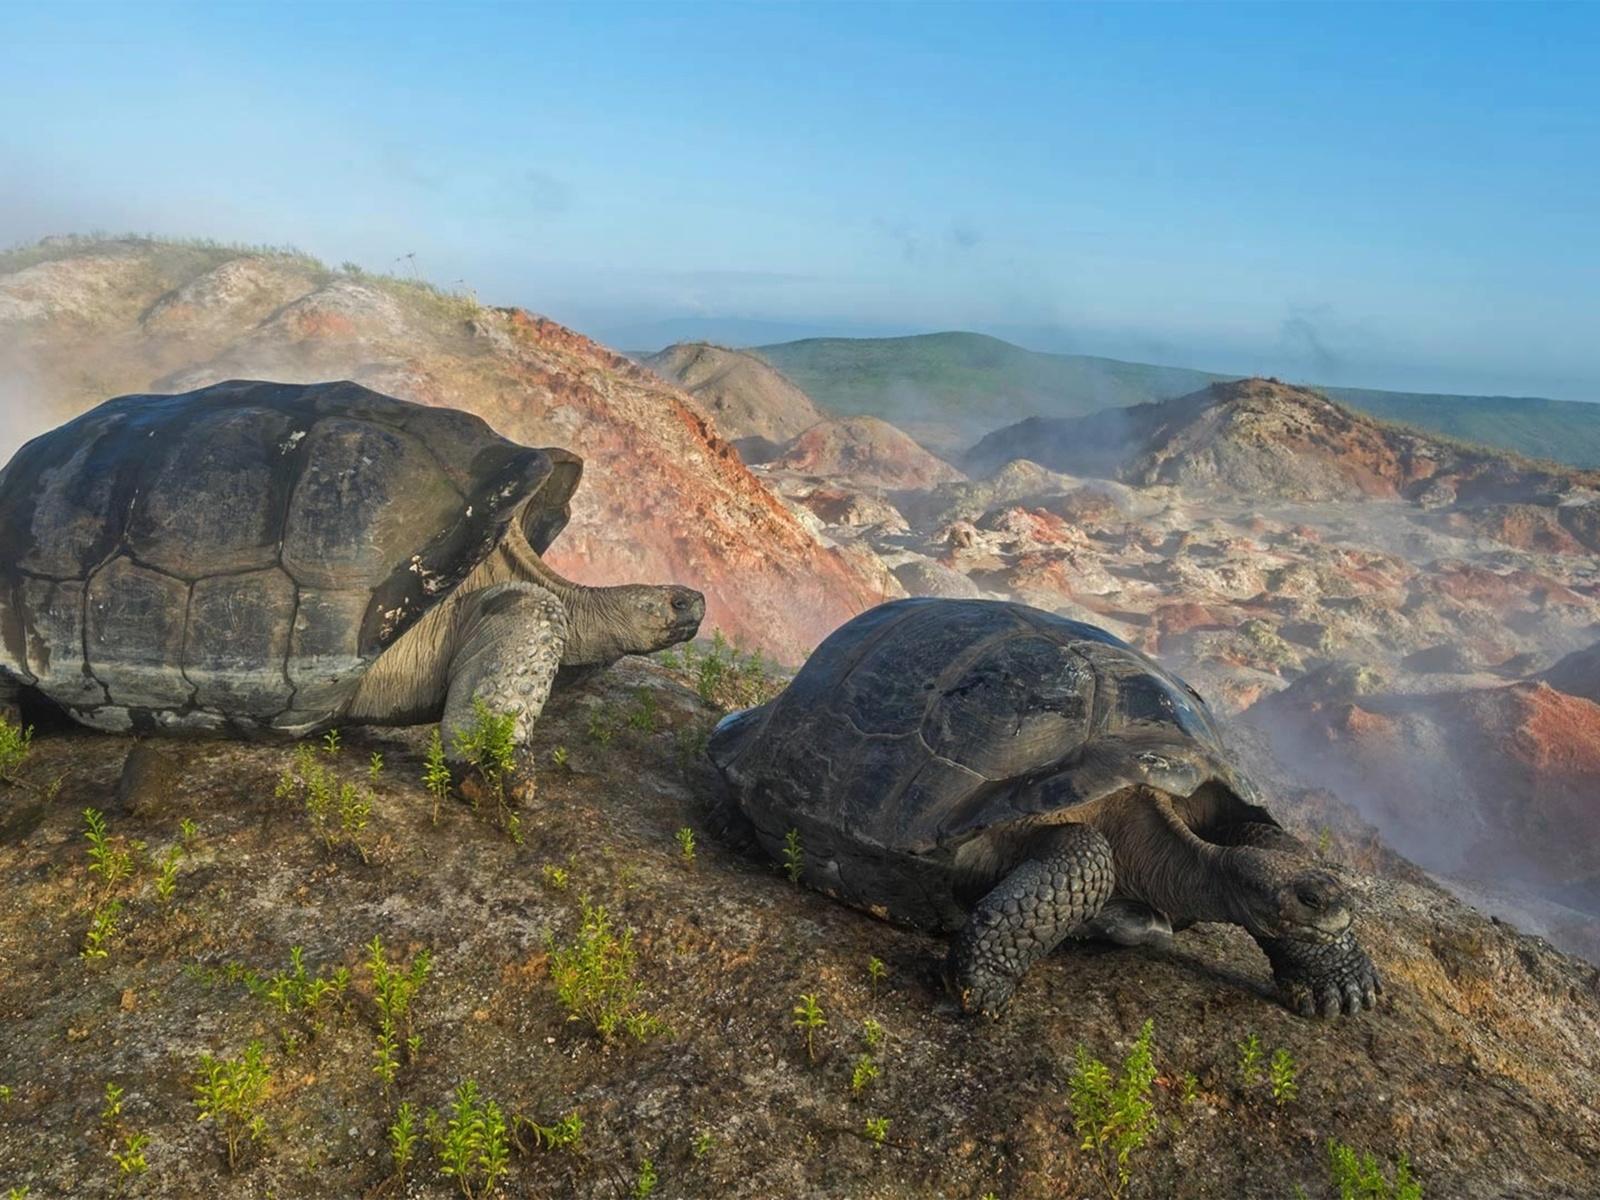 животные, черепаха, пара